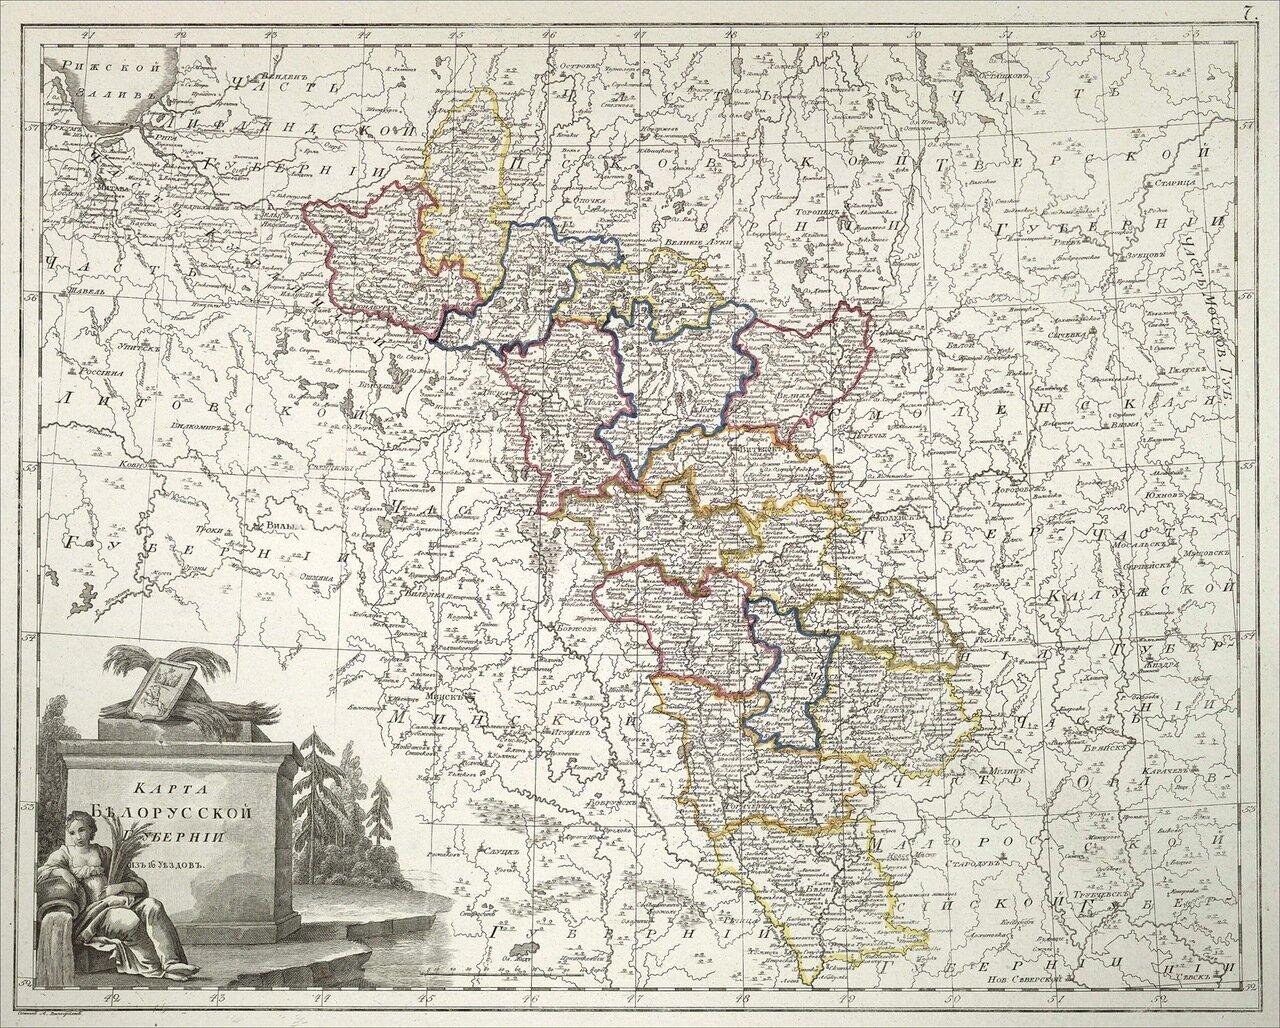 Д соболи пермской губернии 1882 год